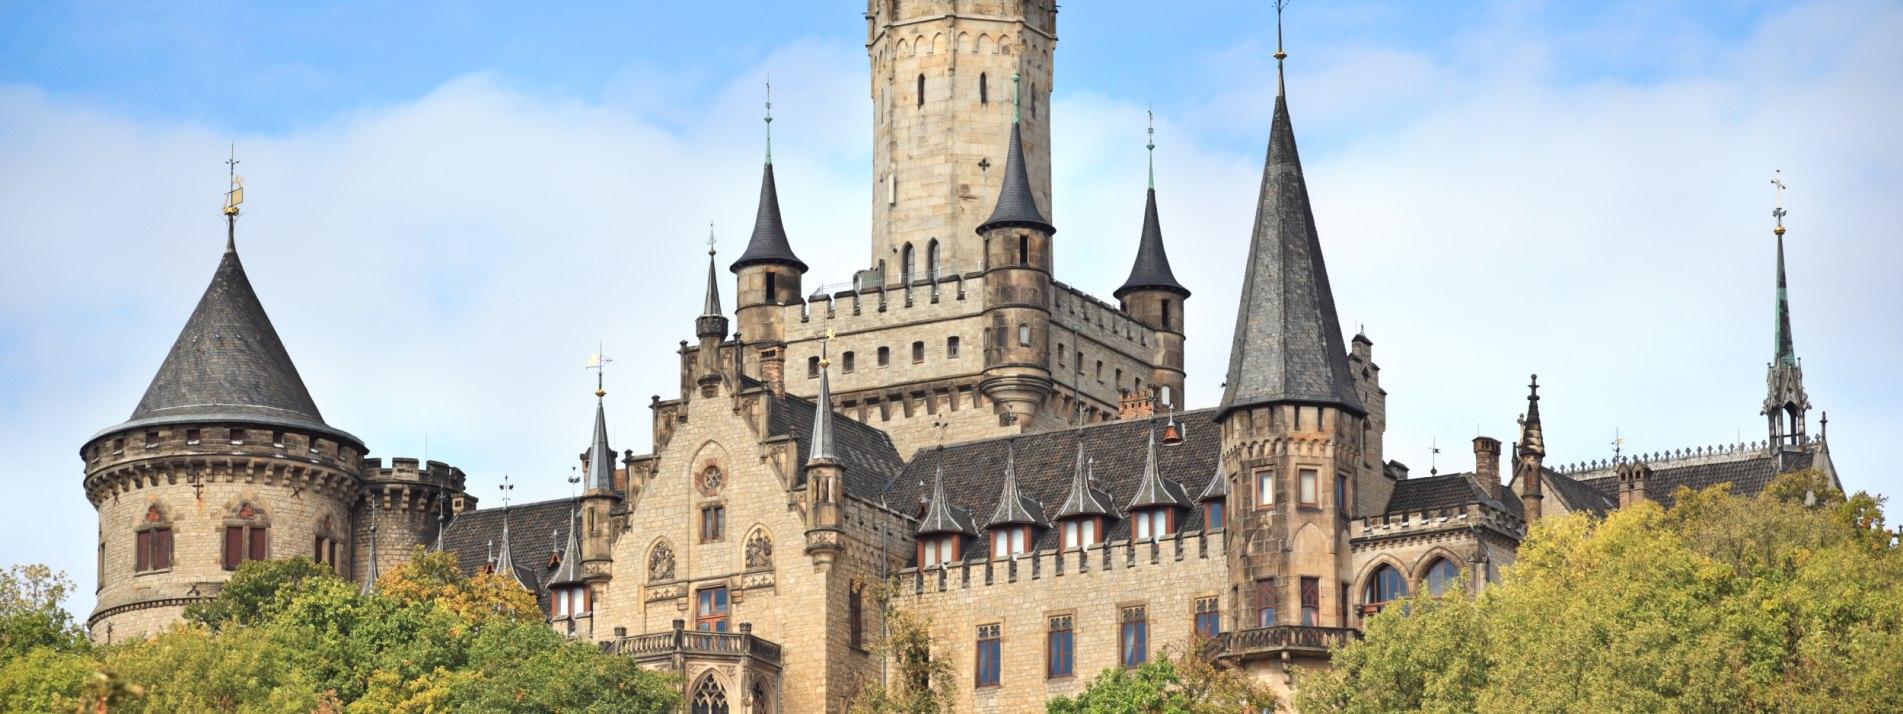 Bahnhit-Hildesheim